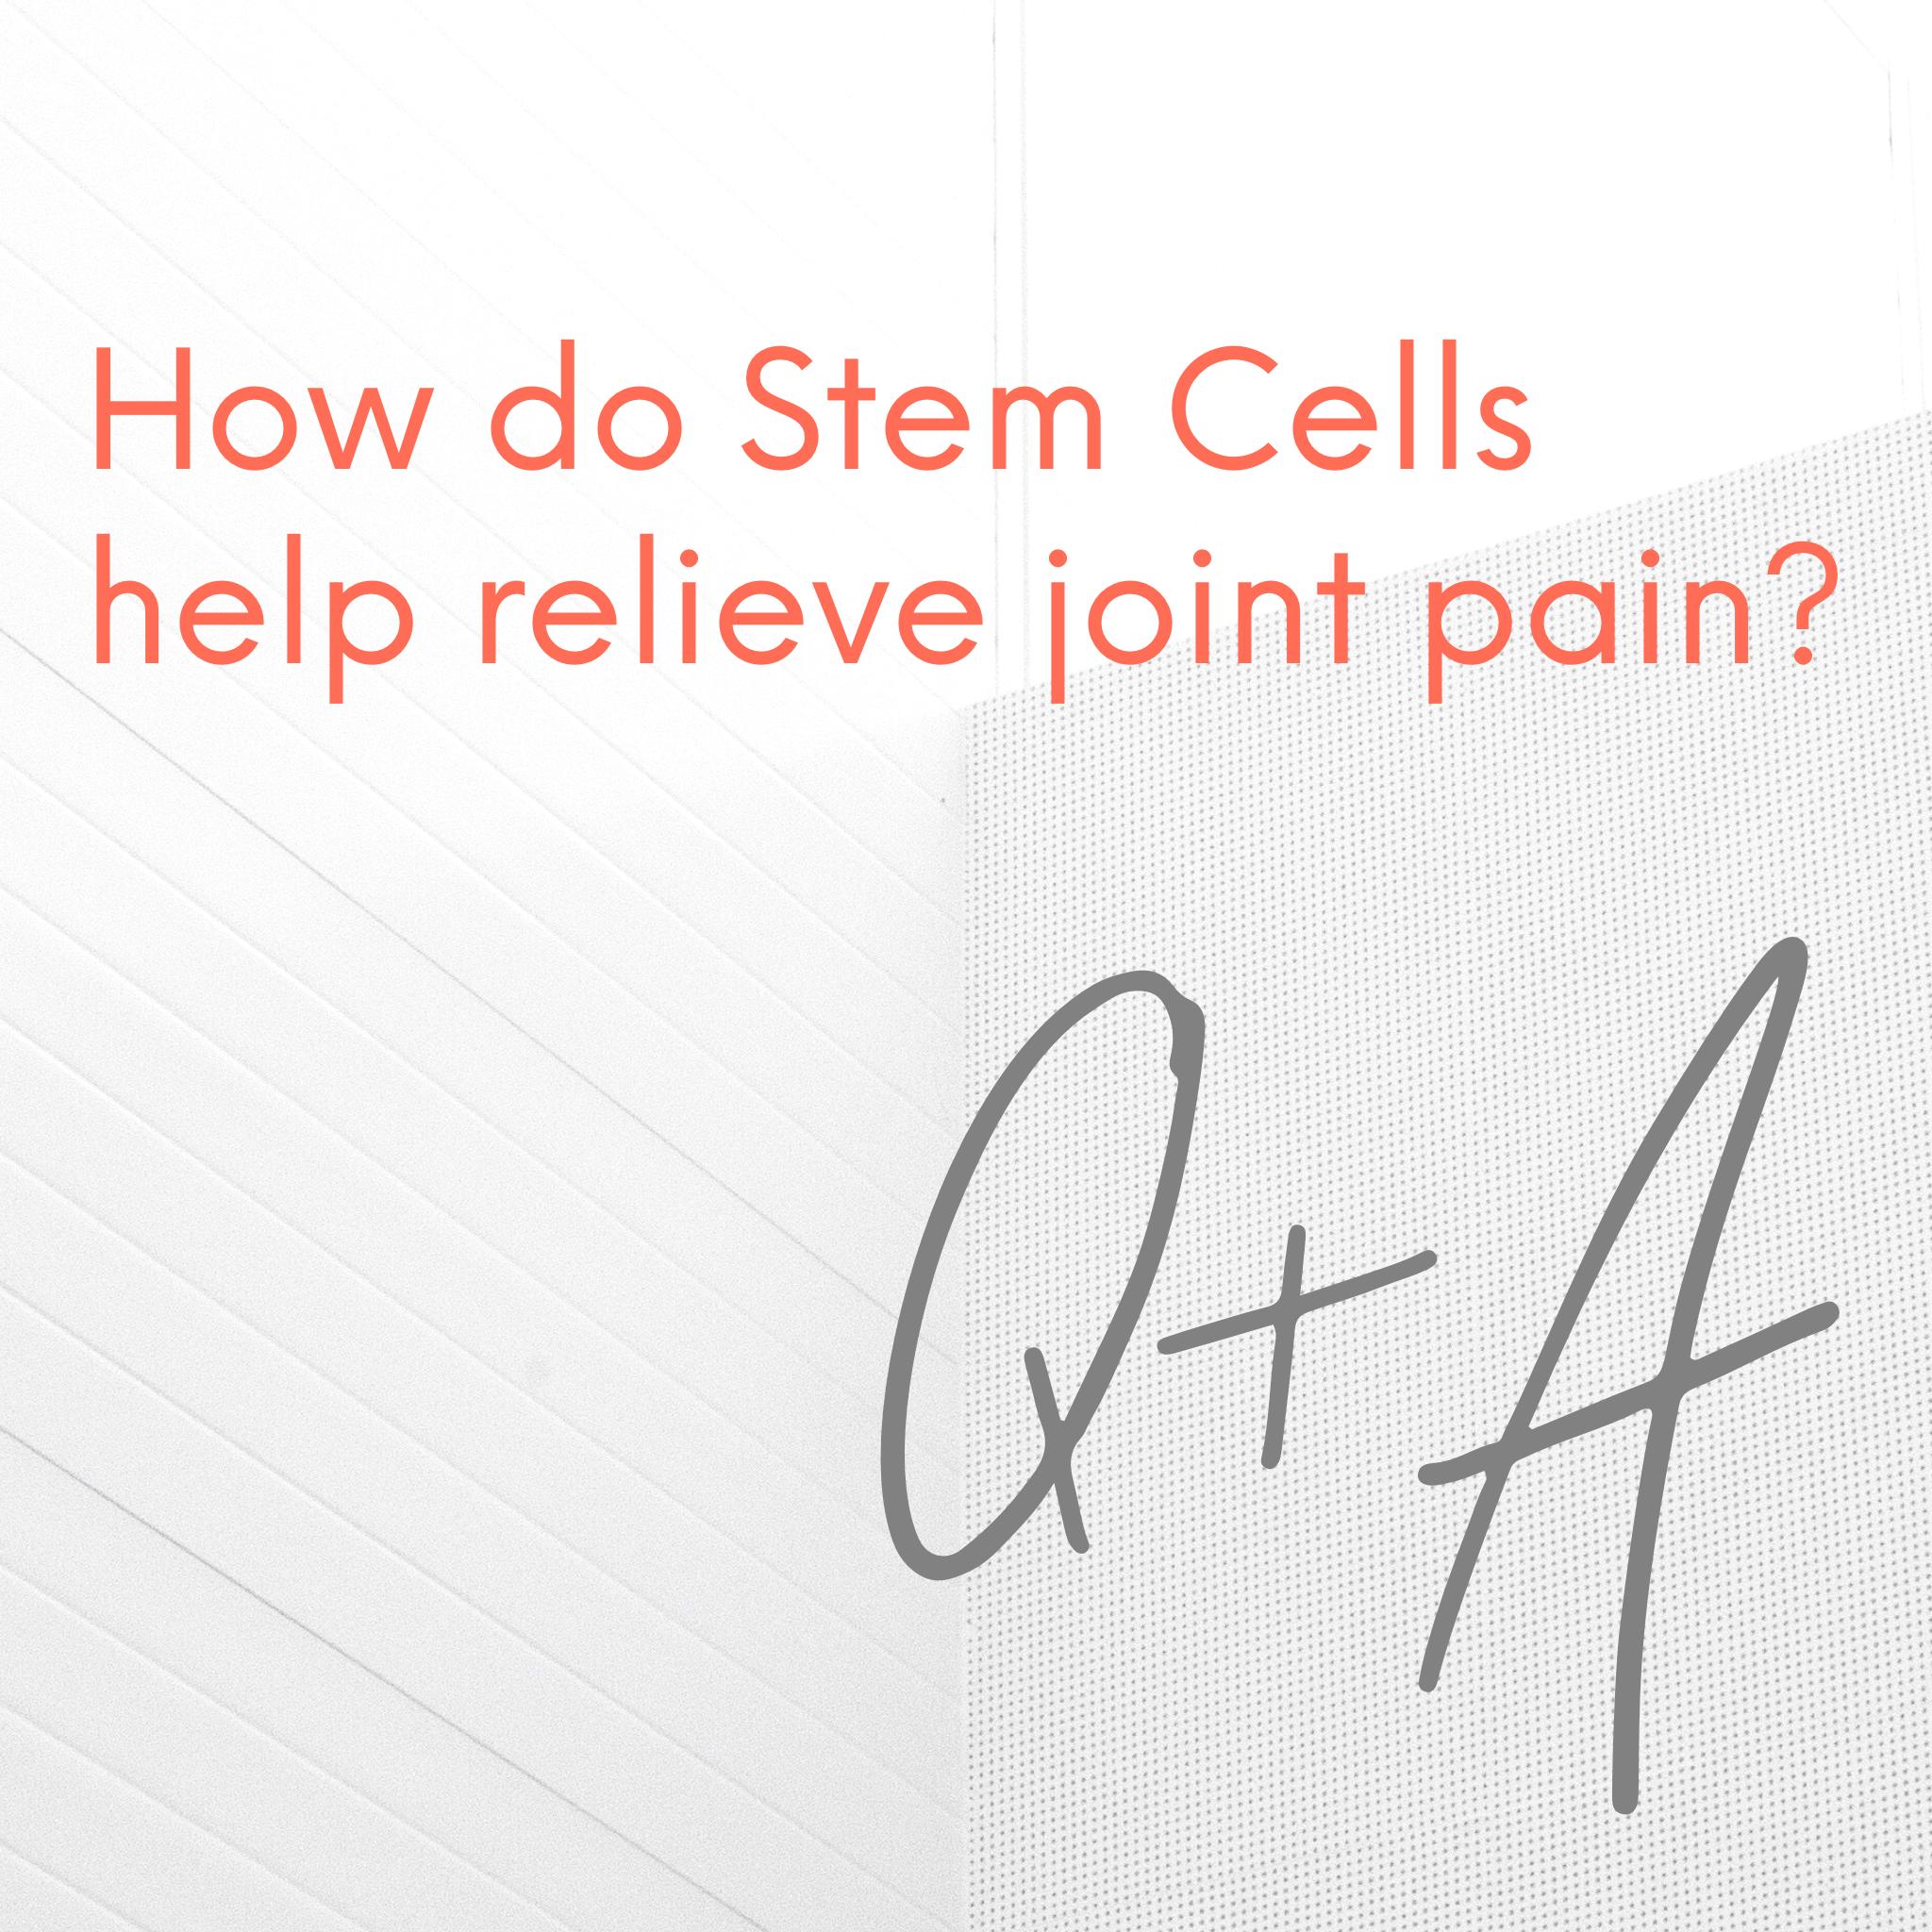 How Do Stem Cells.jpg